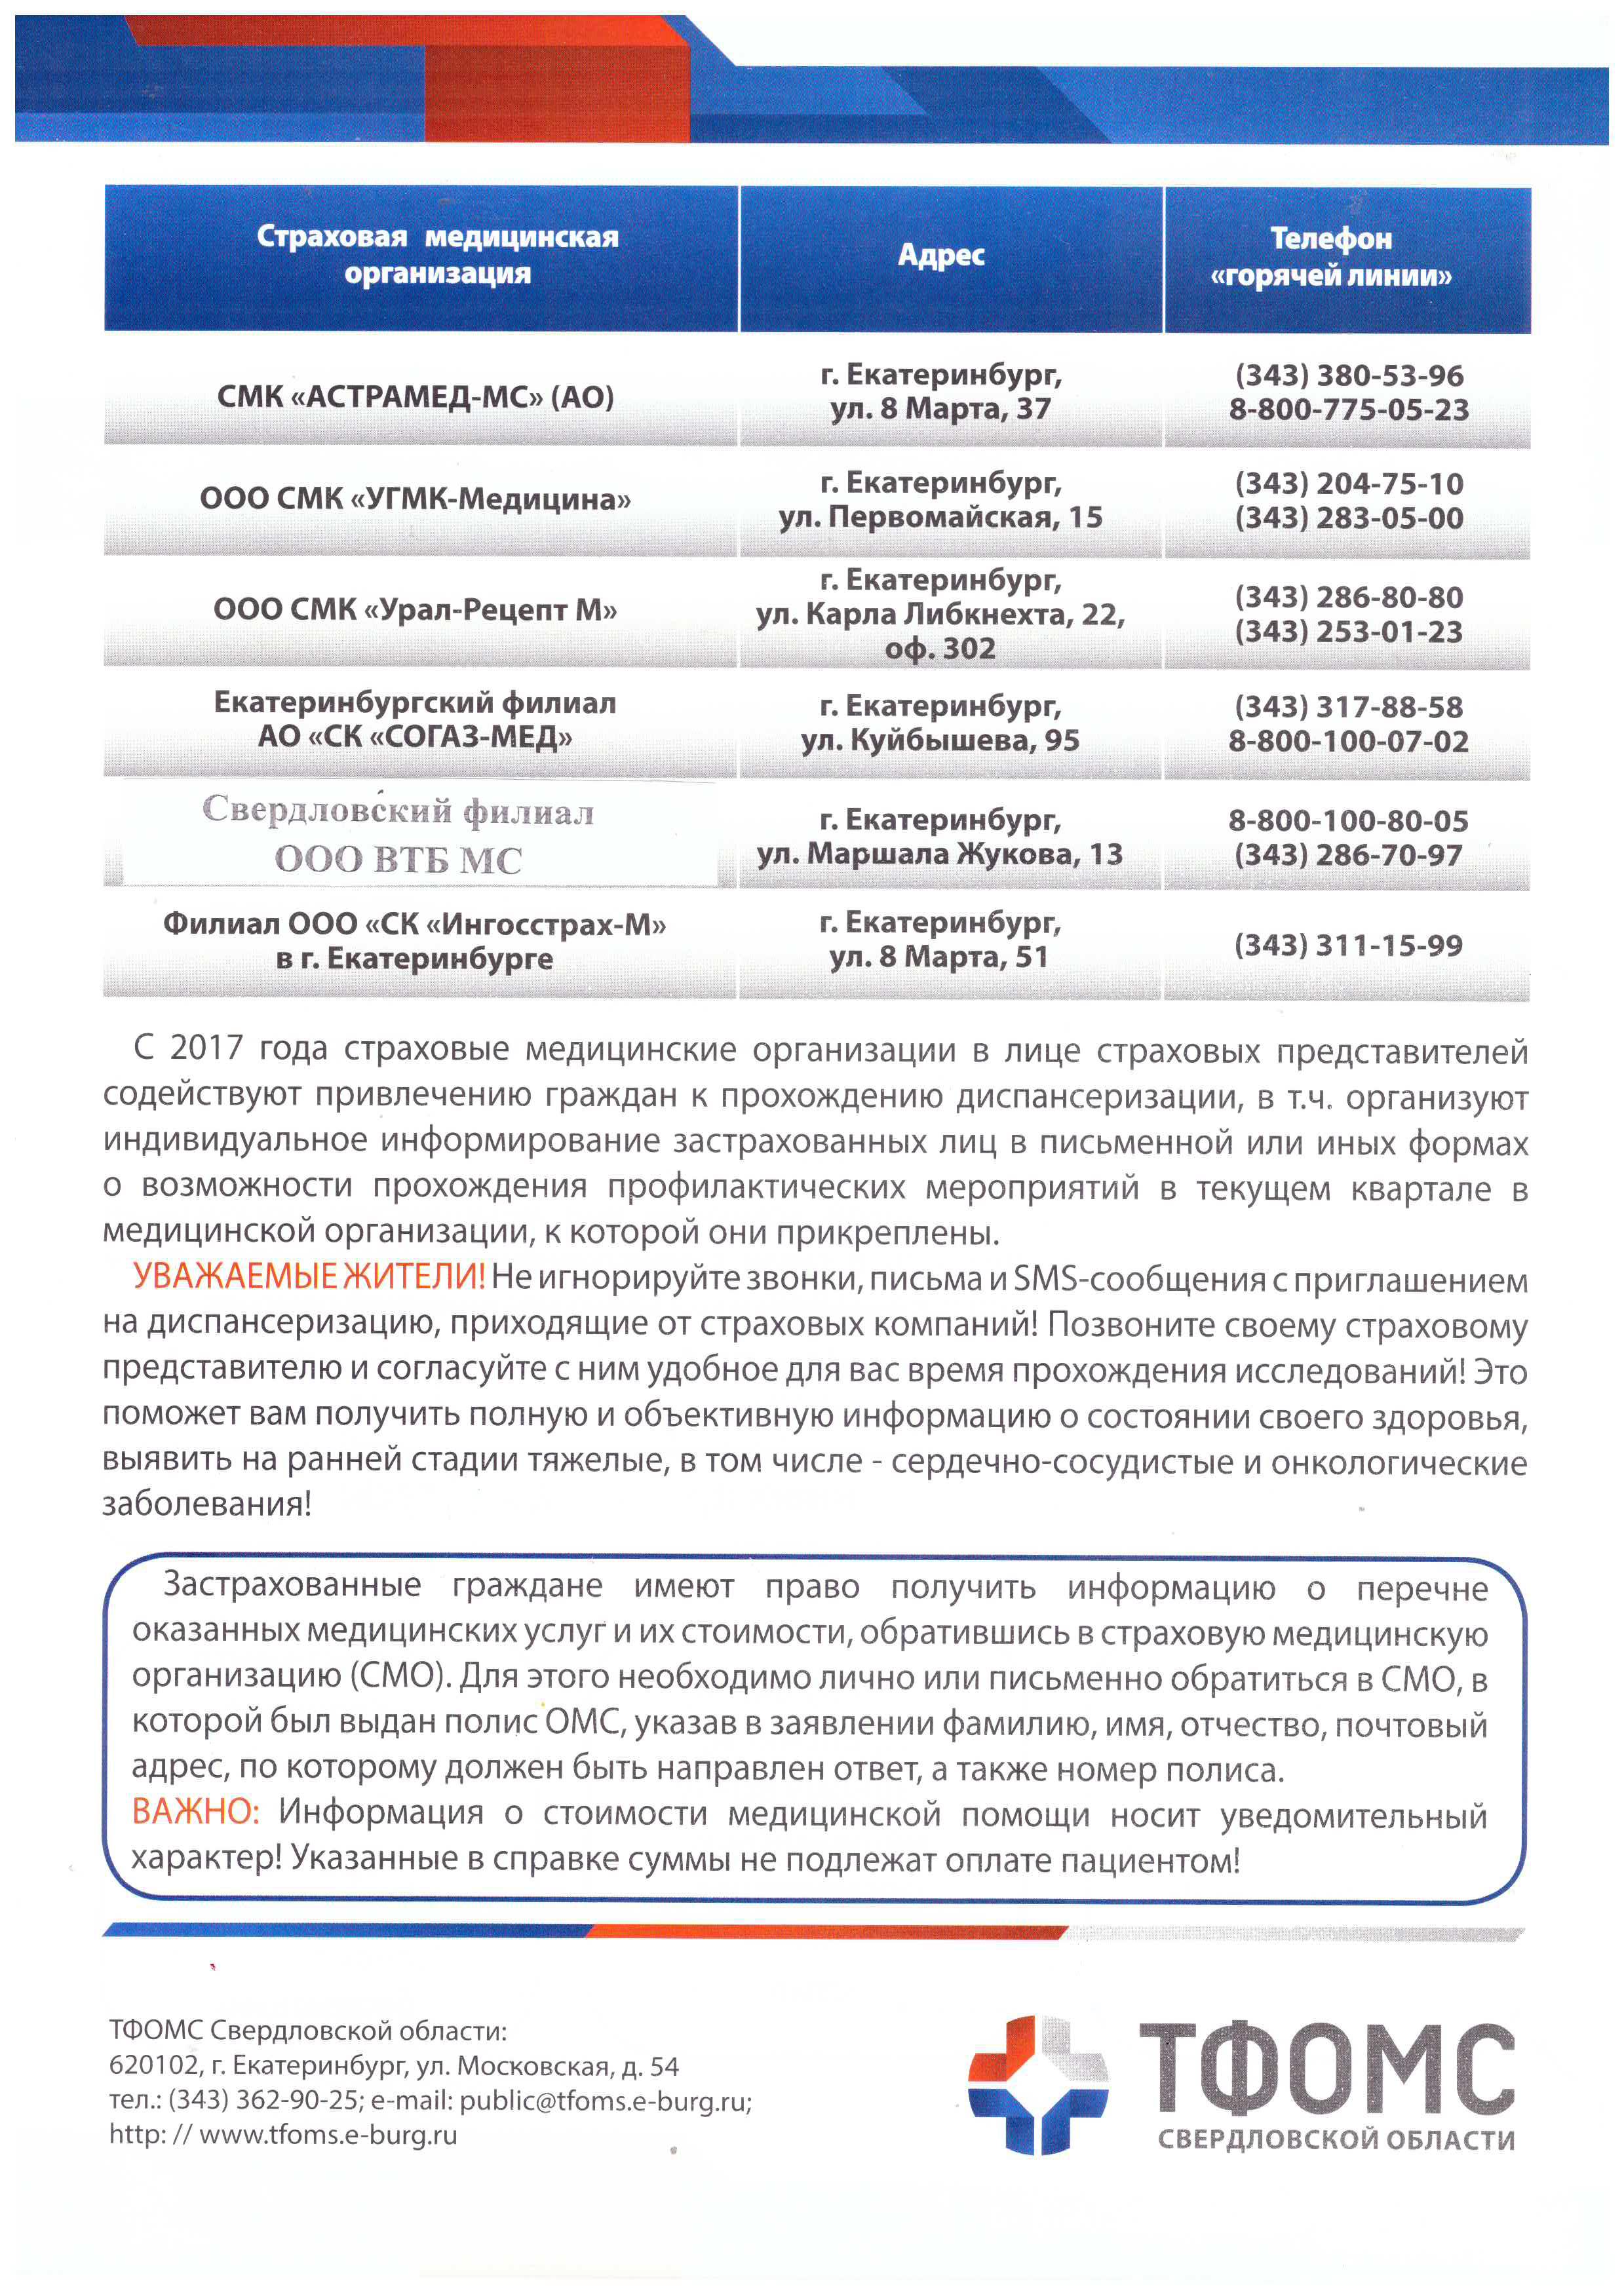 сайт фонда обязательного медицинского страхования екатеринбург